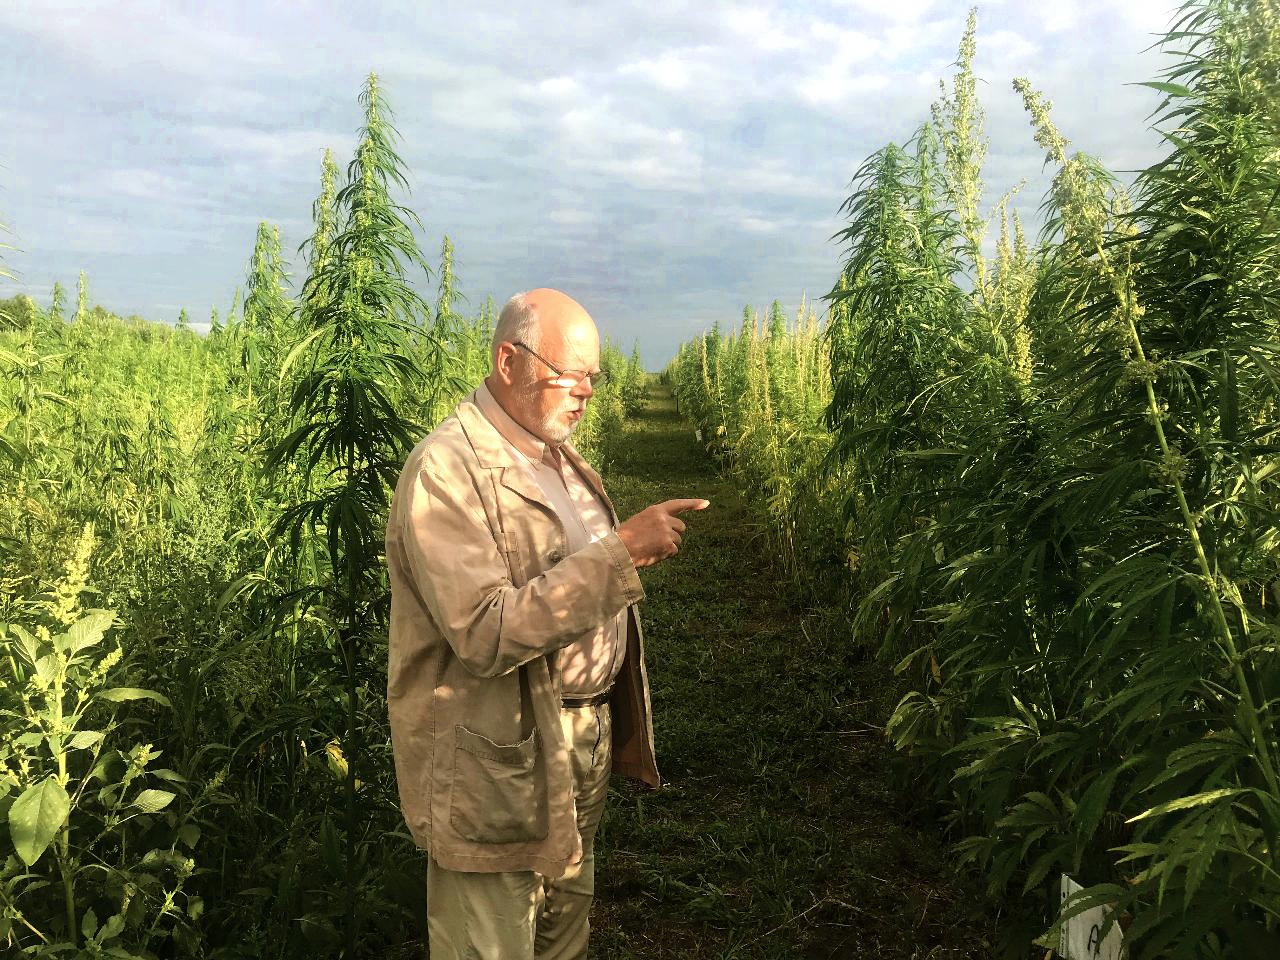 Россия будет выращивать коноплю лампа для марихуаны